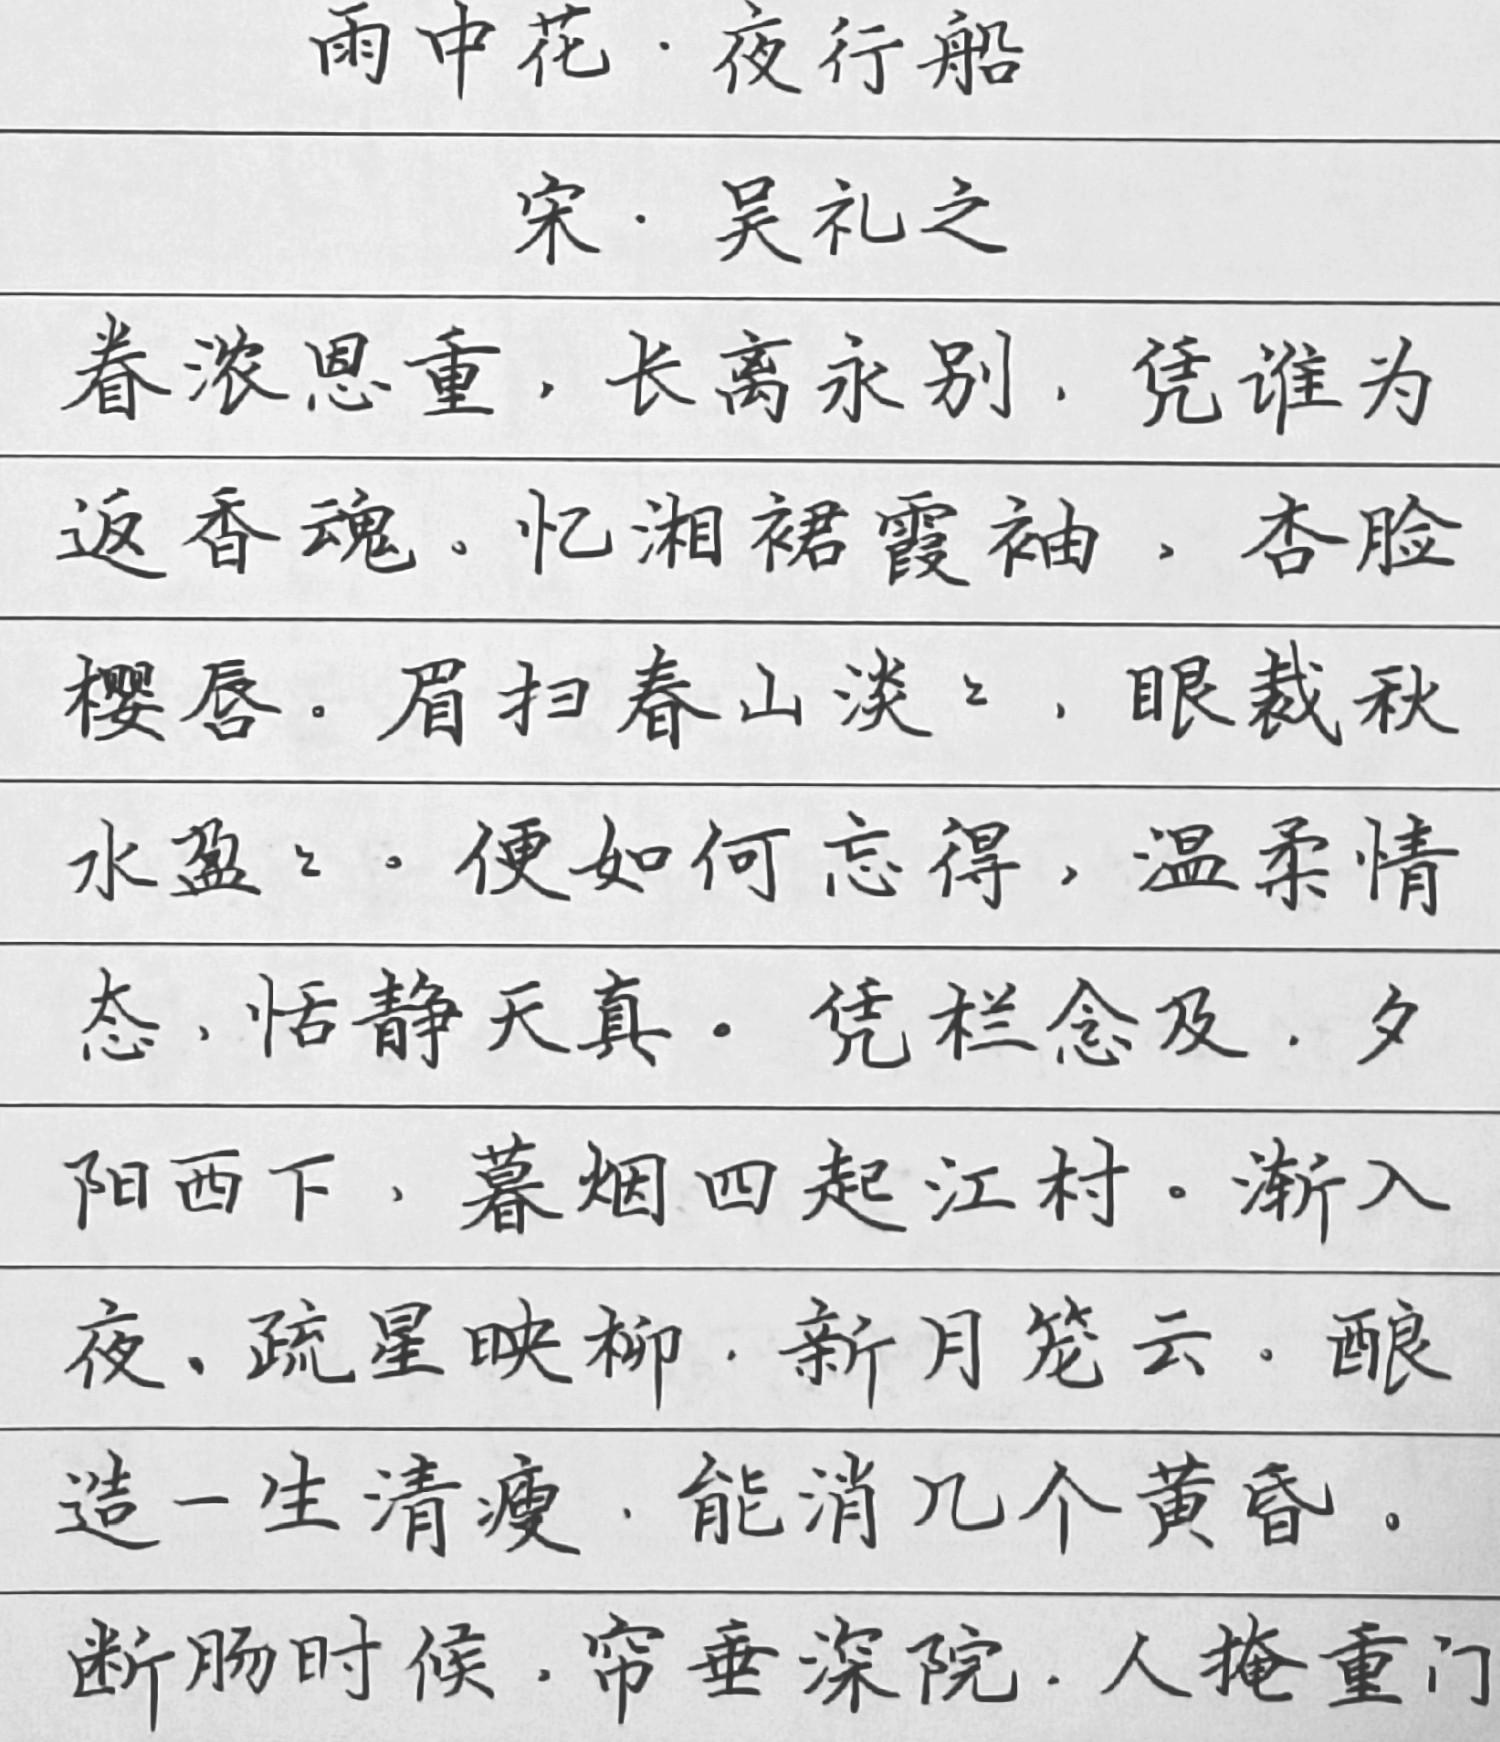 钢笔书法练字打卡20210518-14